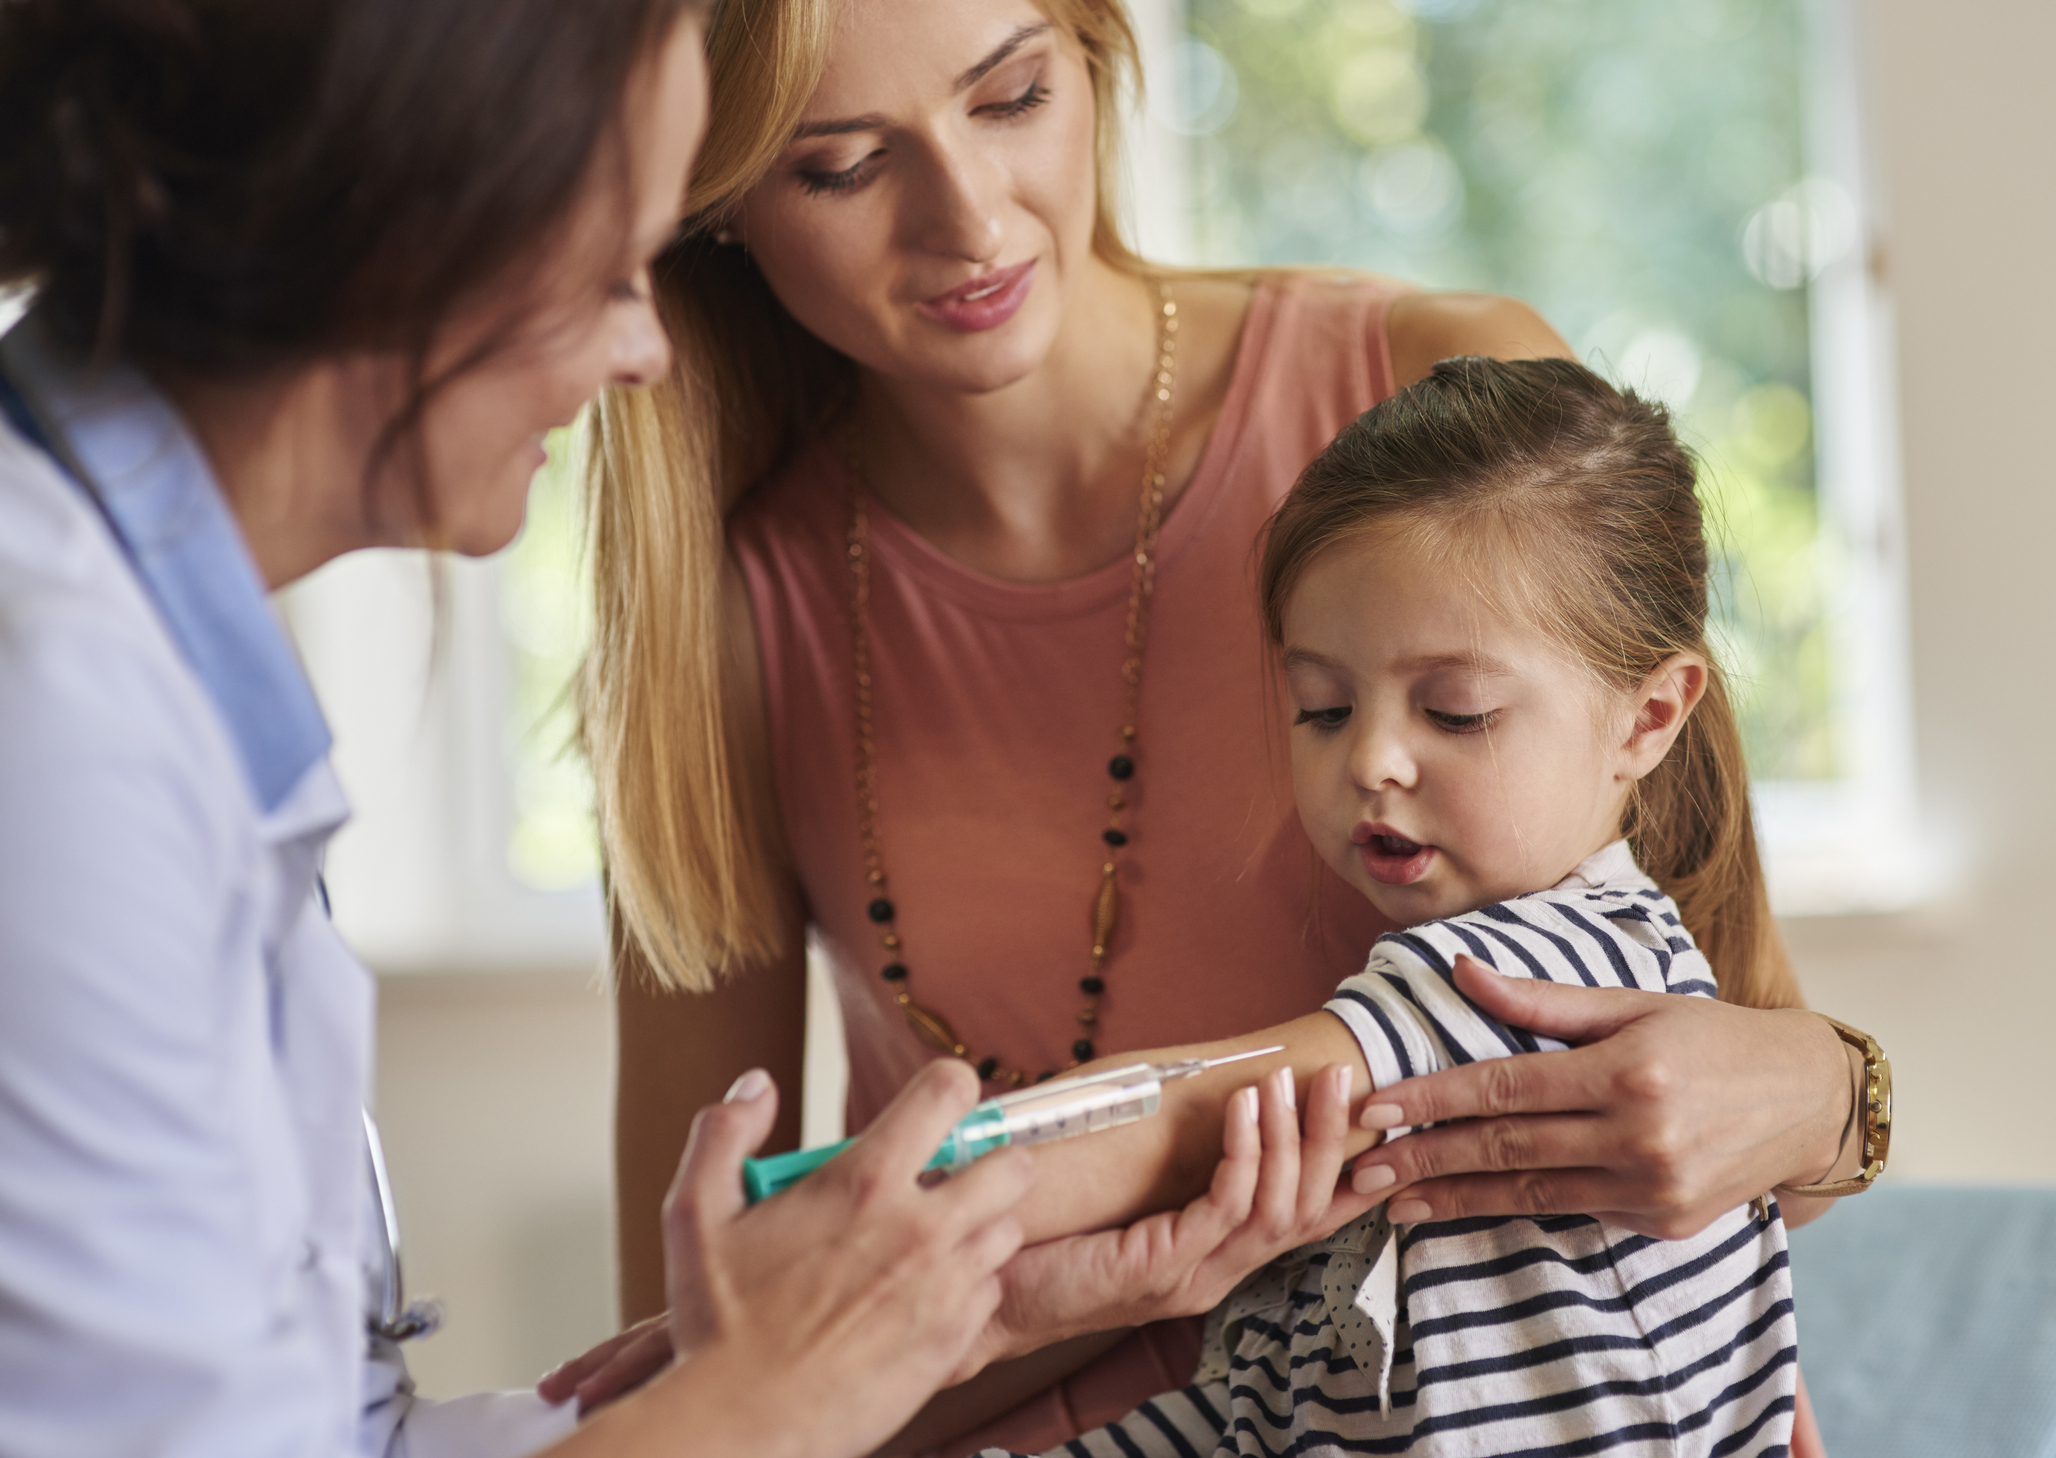 Nacrt predviđa i pojačane akcije cijepljenja protiv drugih bolesti.